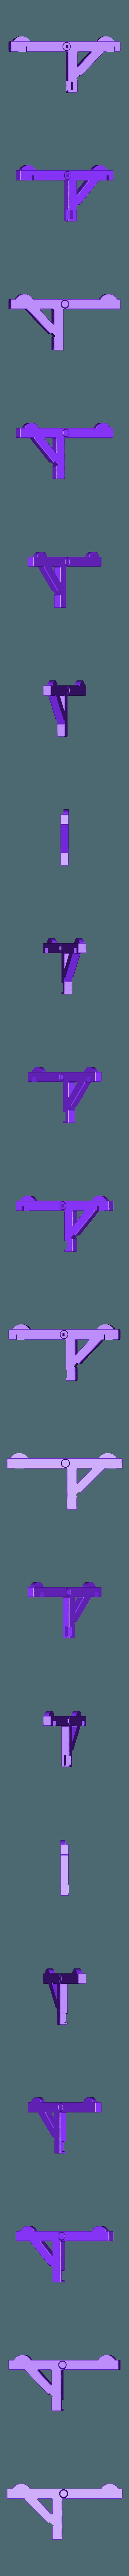 brace_right-165.stl Télécharger fichier STL gratuit Couloir Seej • Design pour impression 3D, bLiTzJoN